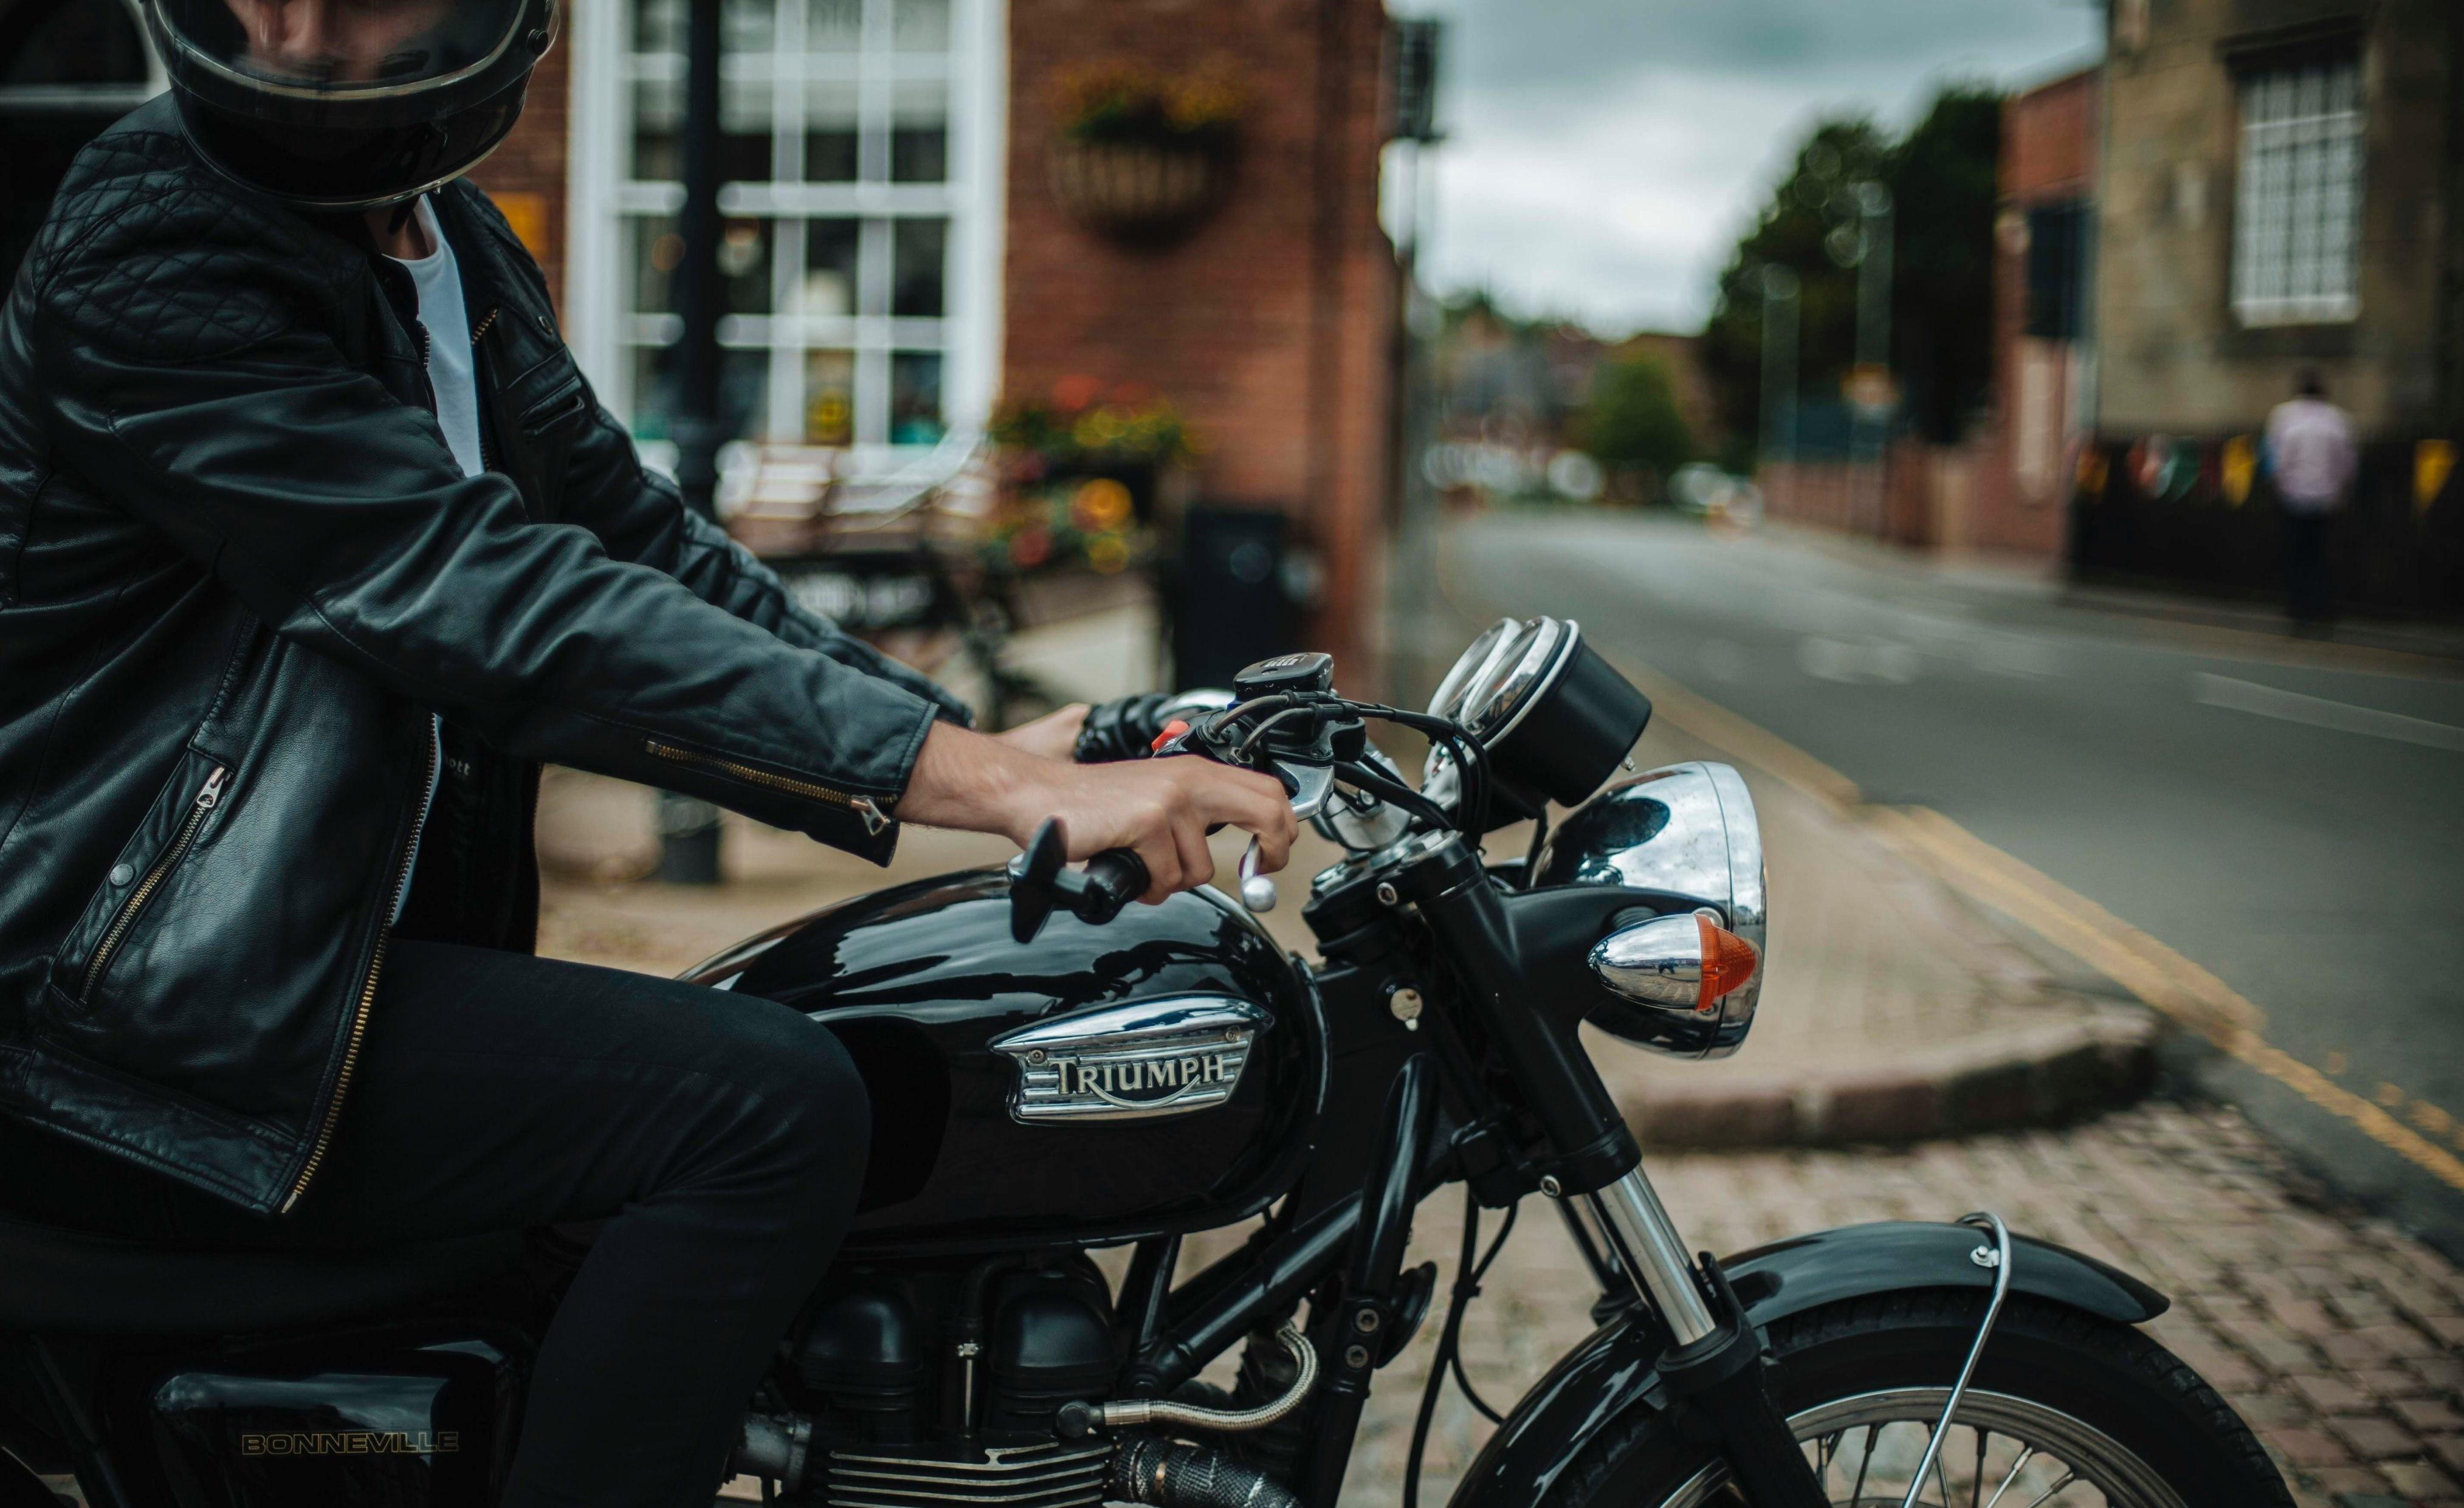 Triumph motorcyle image 1